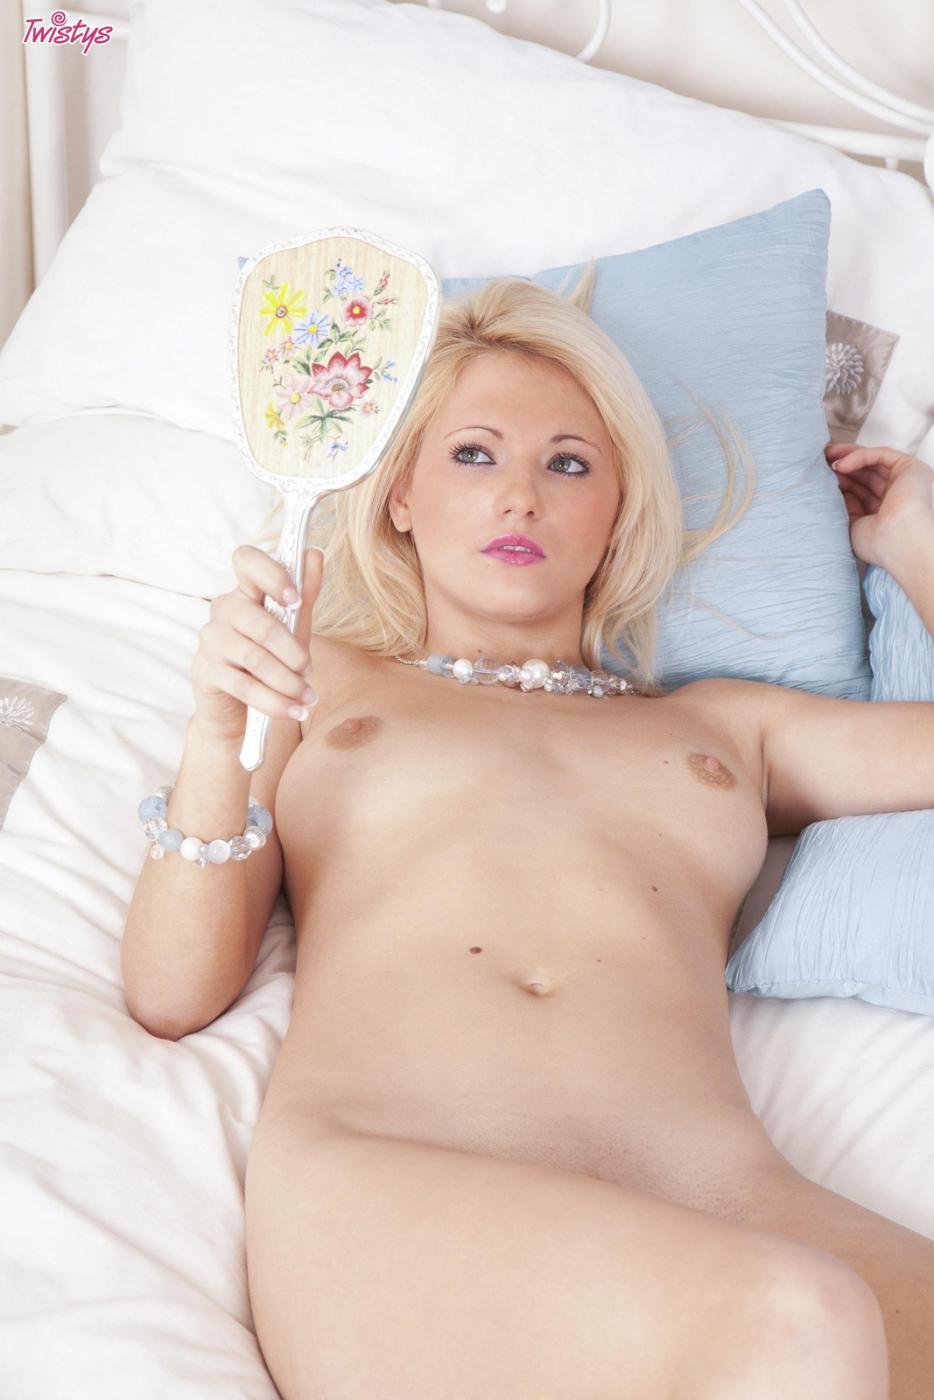 Британская блондинка Sarah Saint растопыривает свои ножки